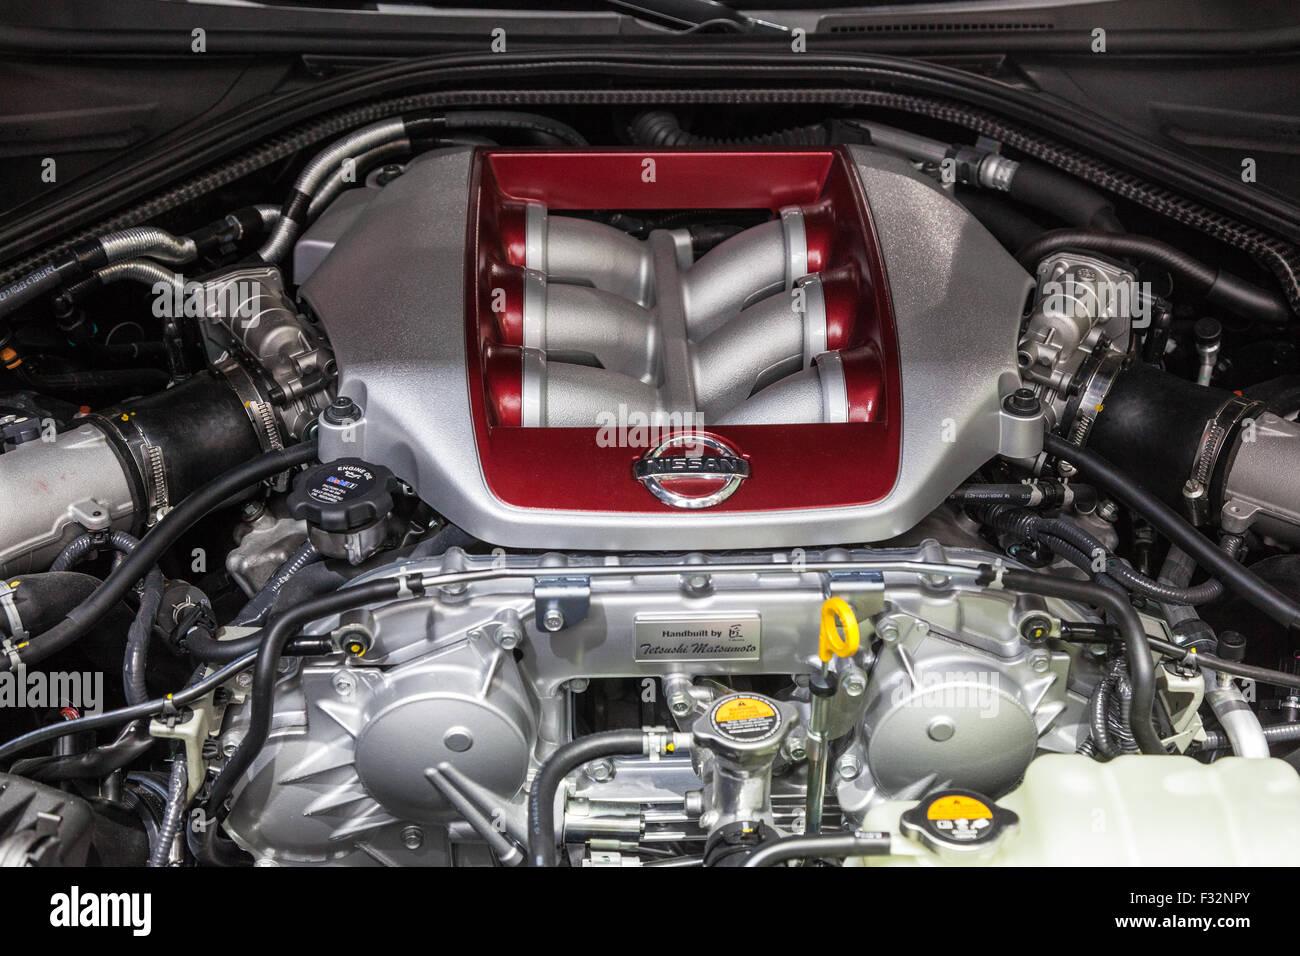 v6 engine stock photos v6 engine stock images alamy